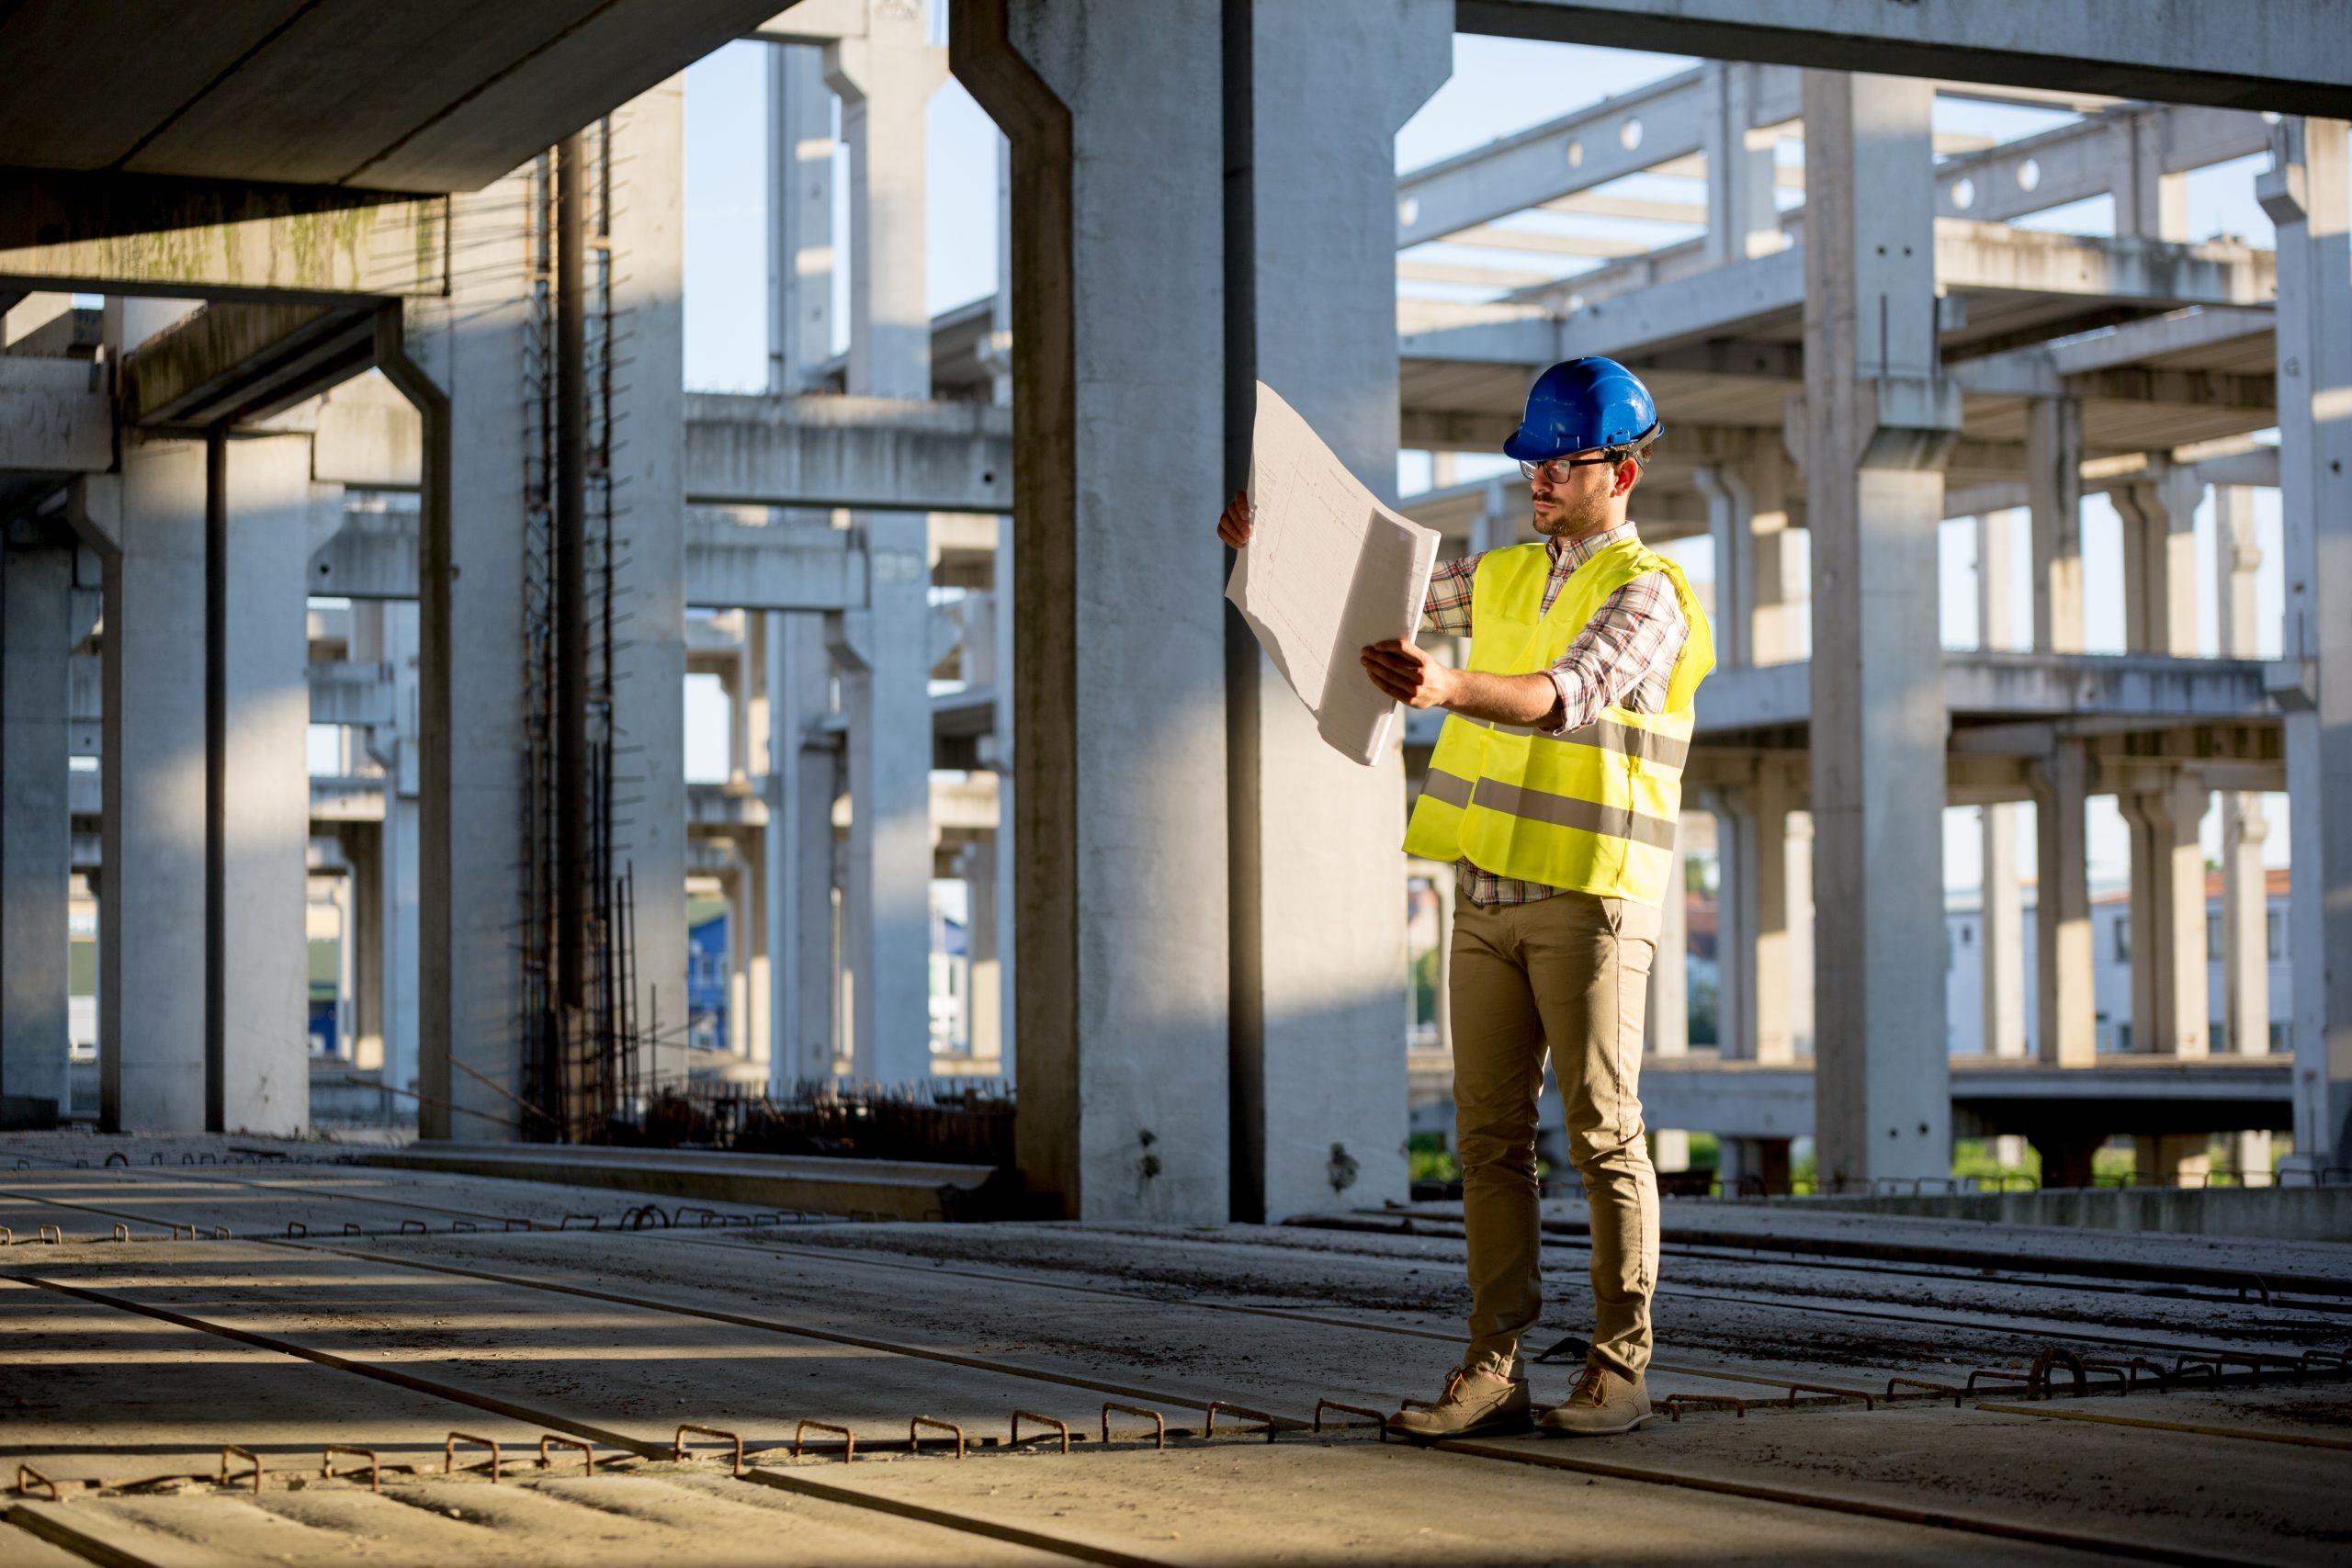 Asigurarea lucrărilor de construcții și montaj